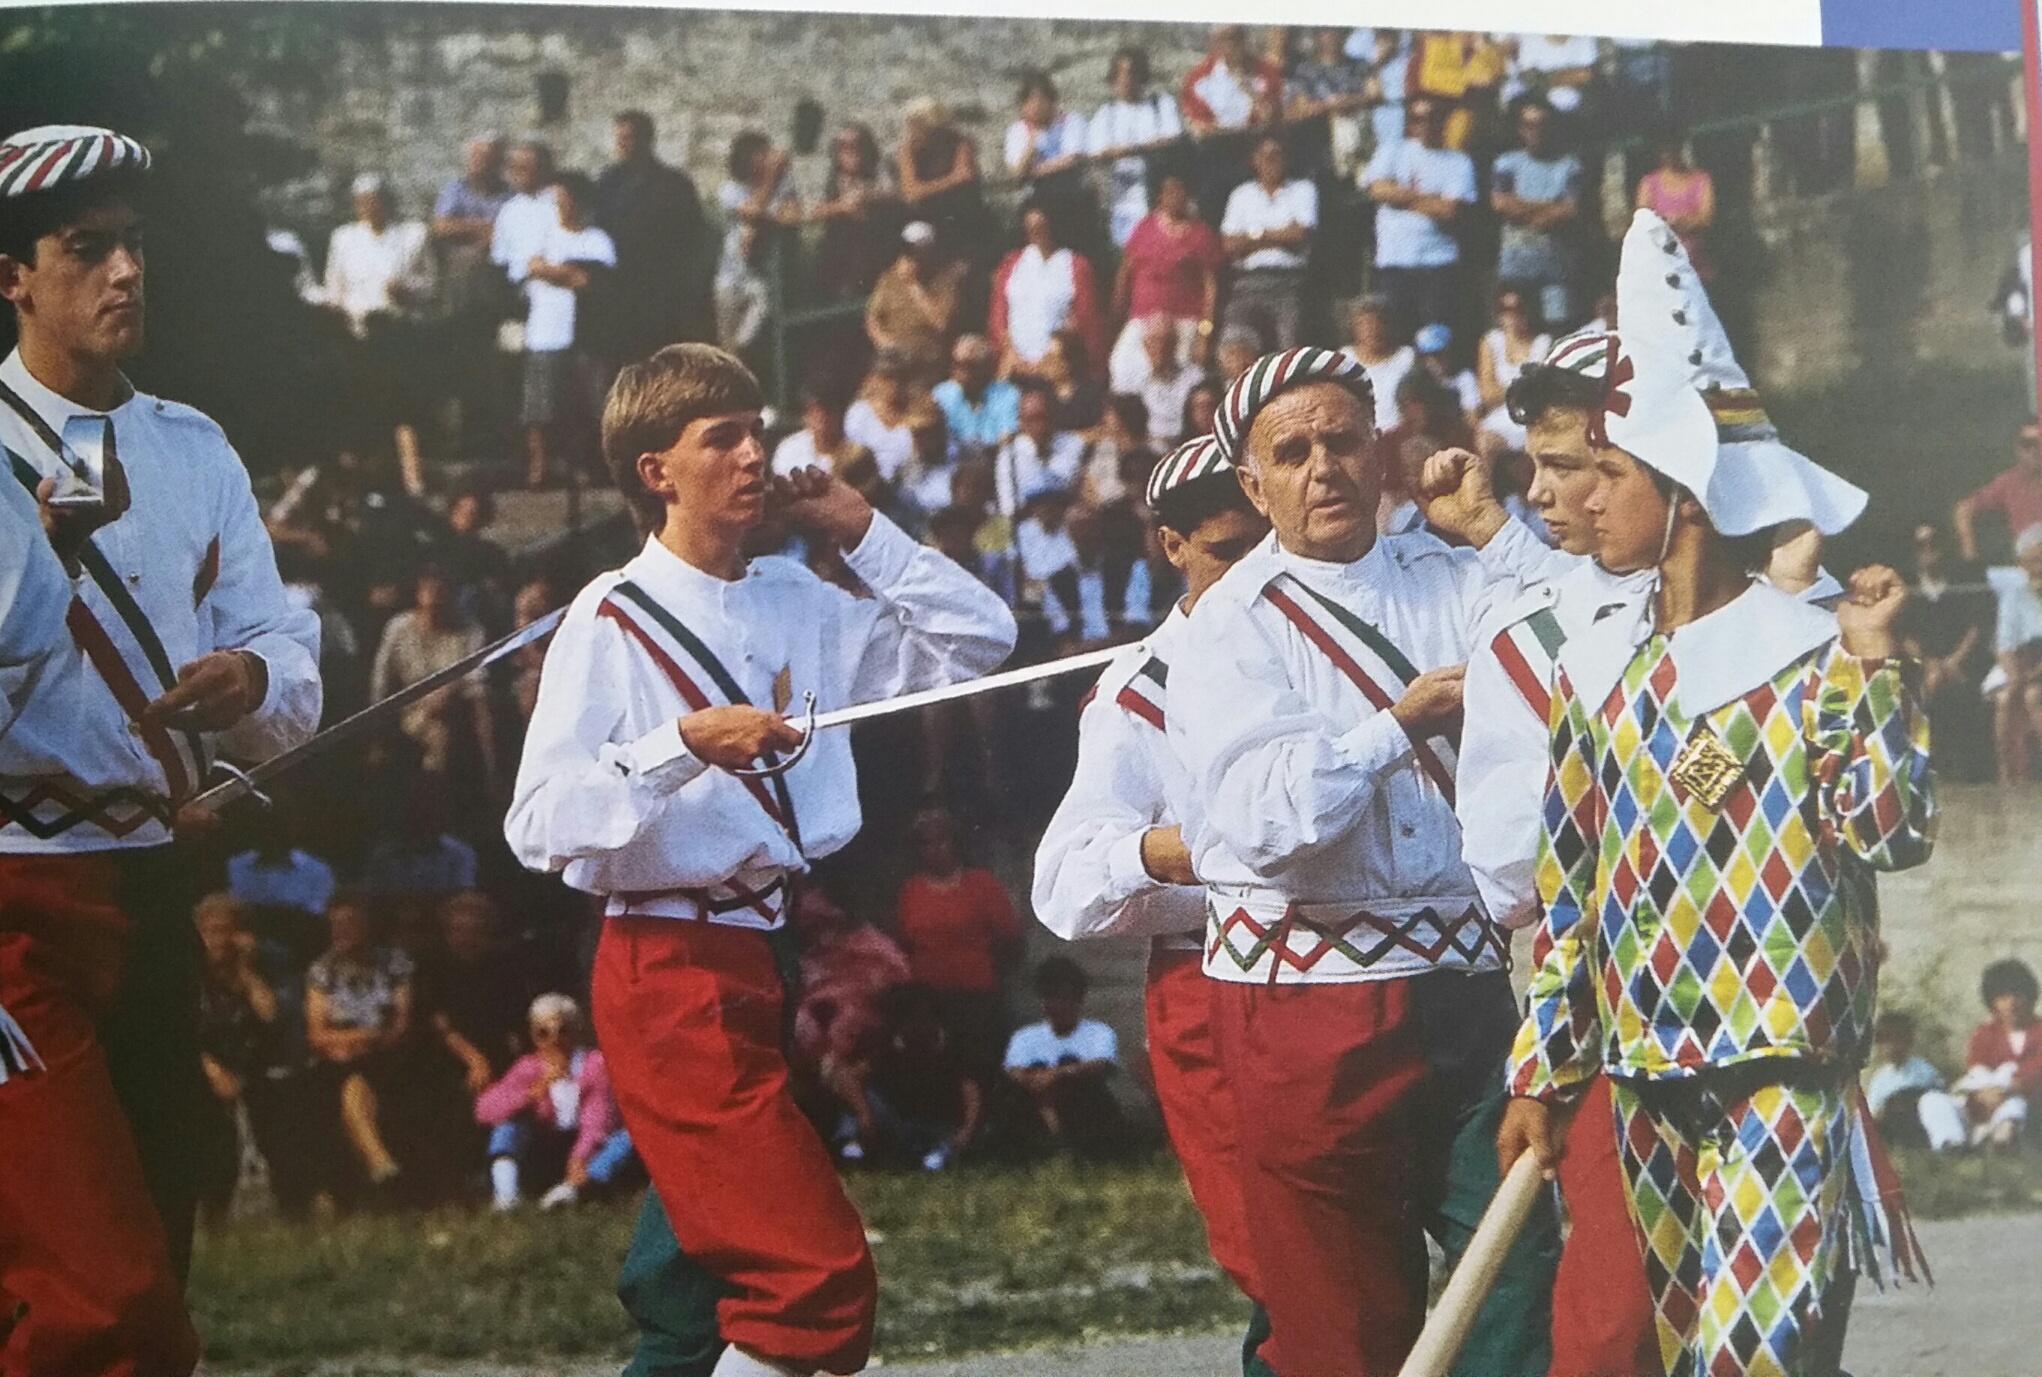 """Un momento del Bal da Sabre a Fenestrelle, originariamente inserito nei festeggiamenti del Carnevale - foto di Franco Sacconier tratta da """"Feste del Piemonte"""" di Massimo Centini ed. Priuli & Verlucca"""